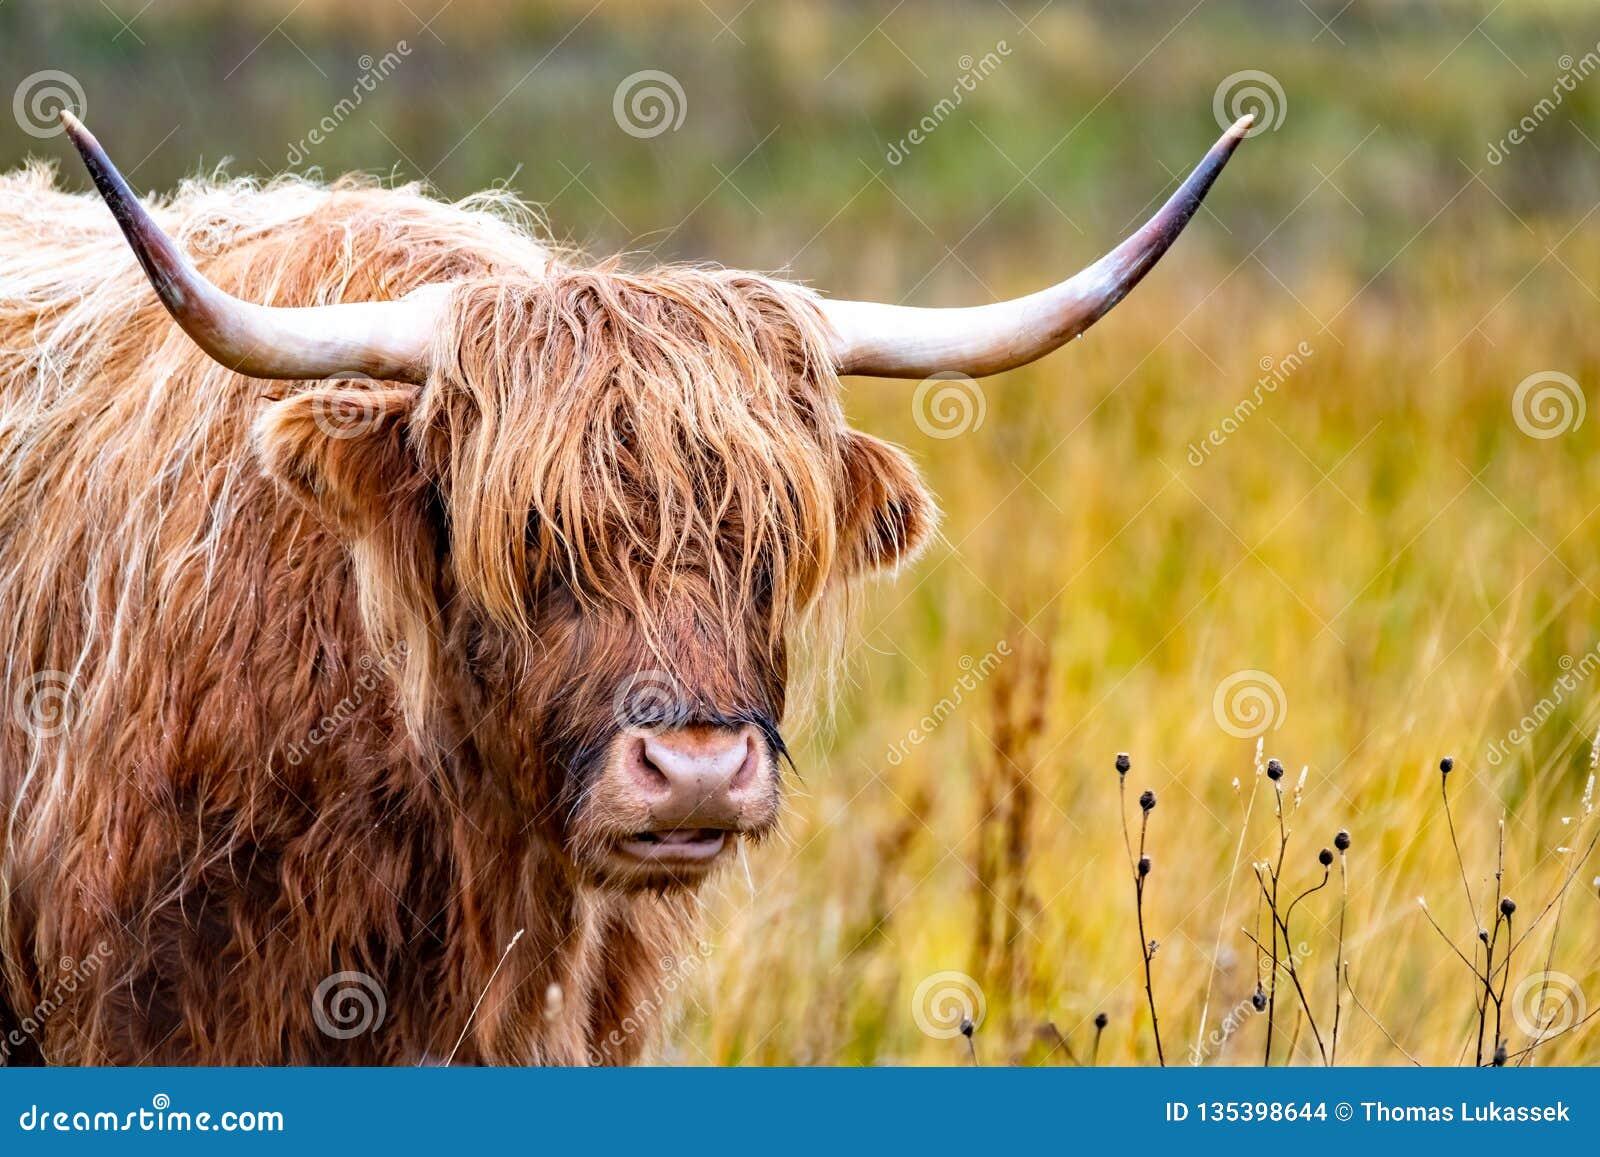 Hochlandvieh - Gurren BO Ghaidhealach - Heilan - eine schottische Viehzucht mit charakteristischen langen Hörnern und lang gewell